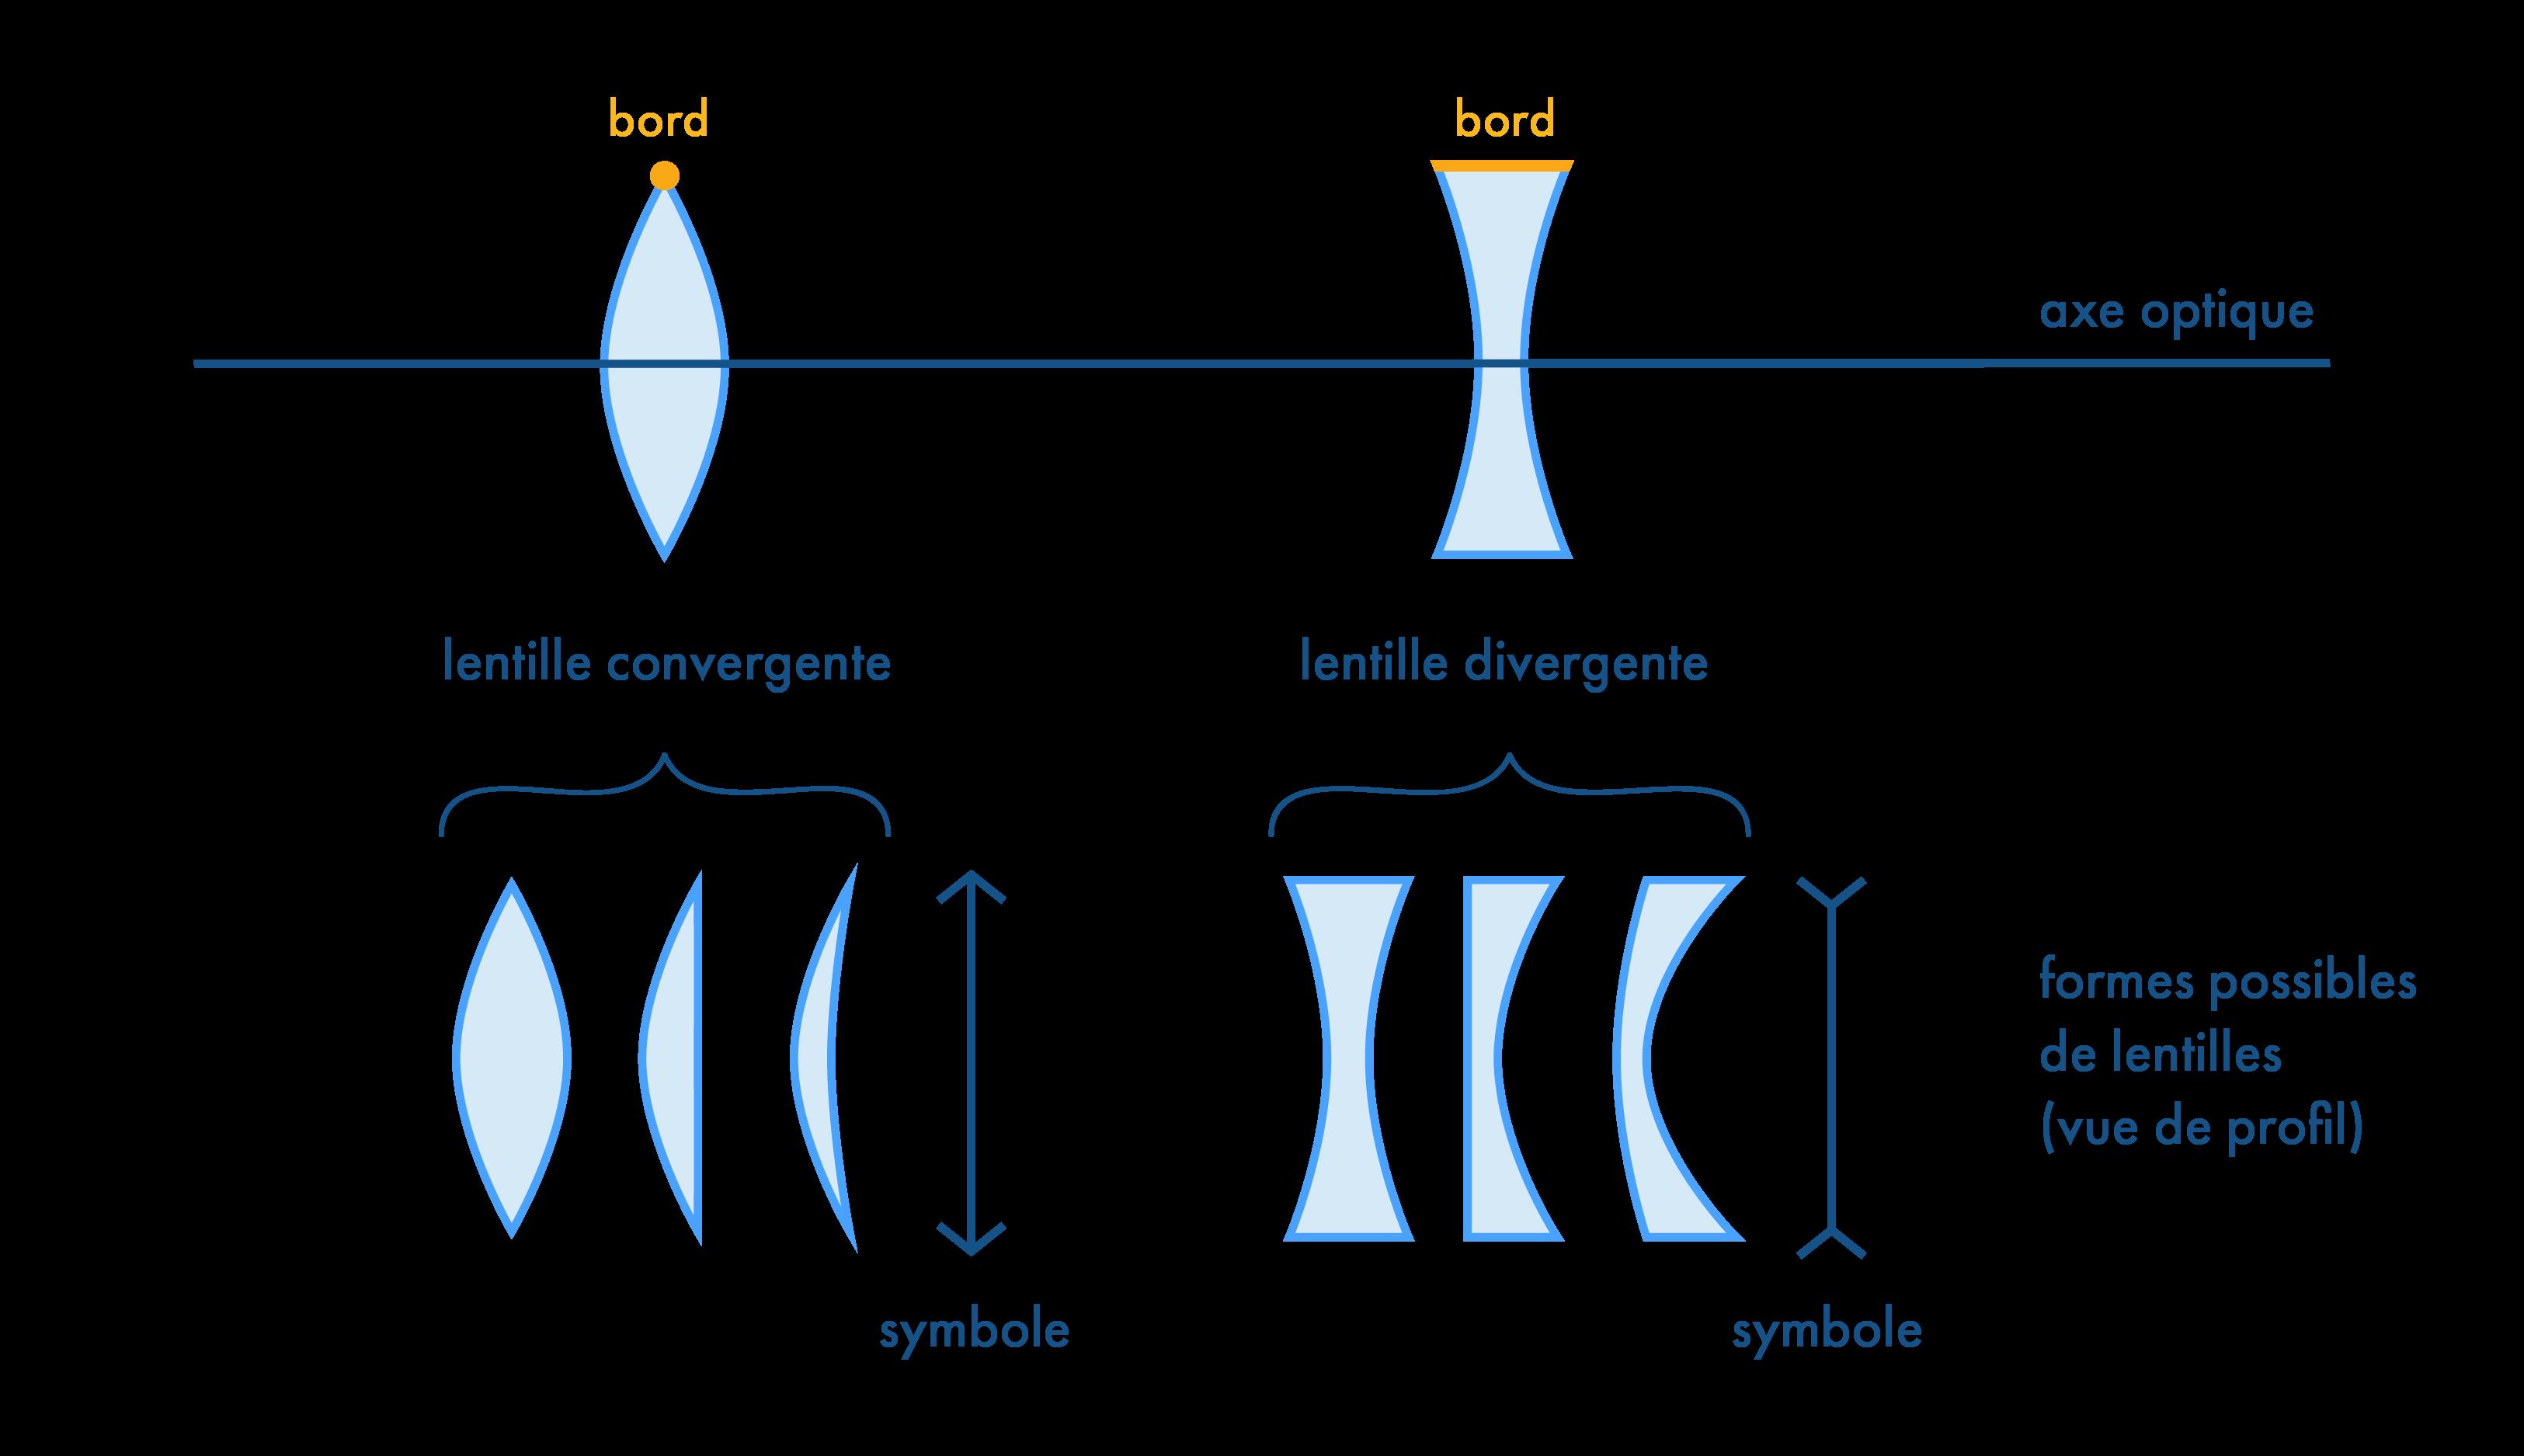 Classement et symboles des lentilles